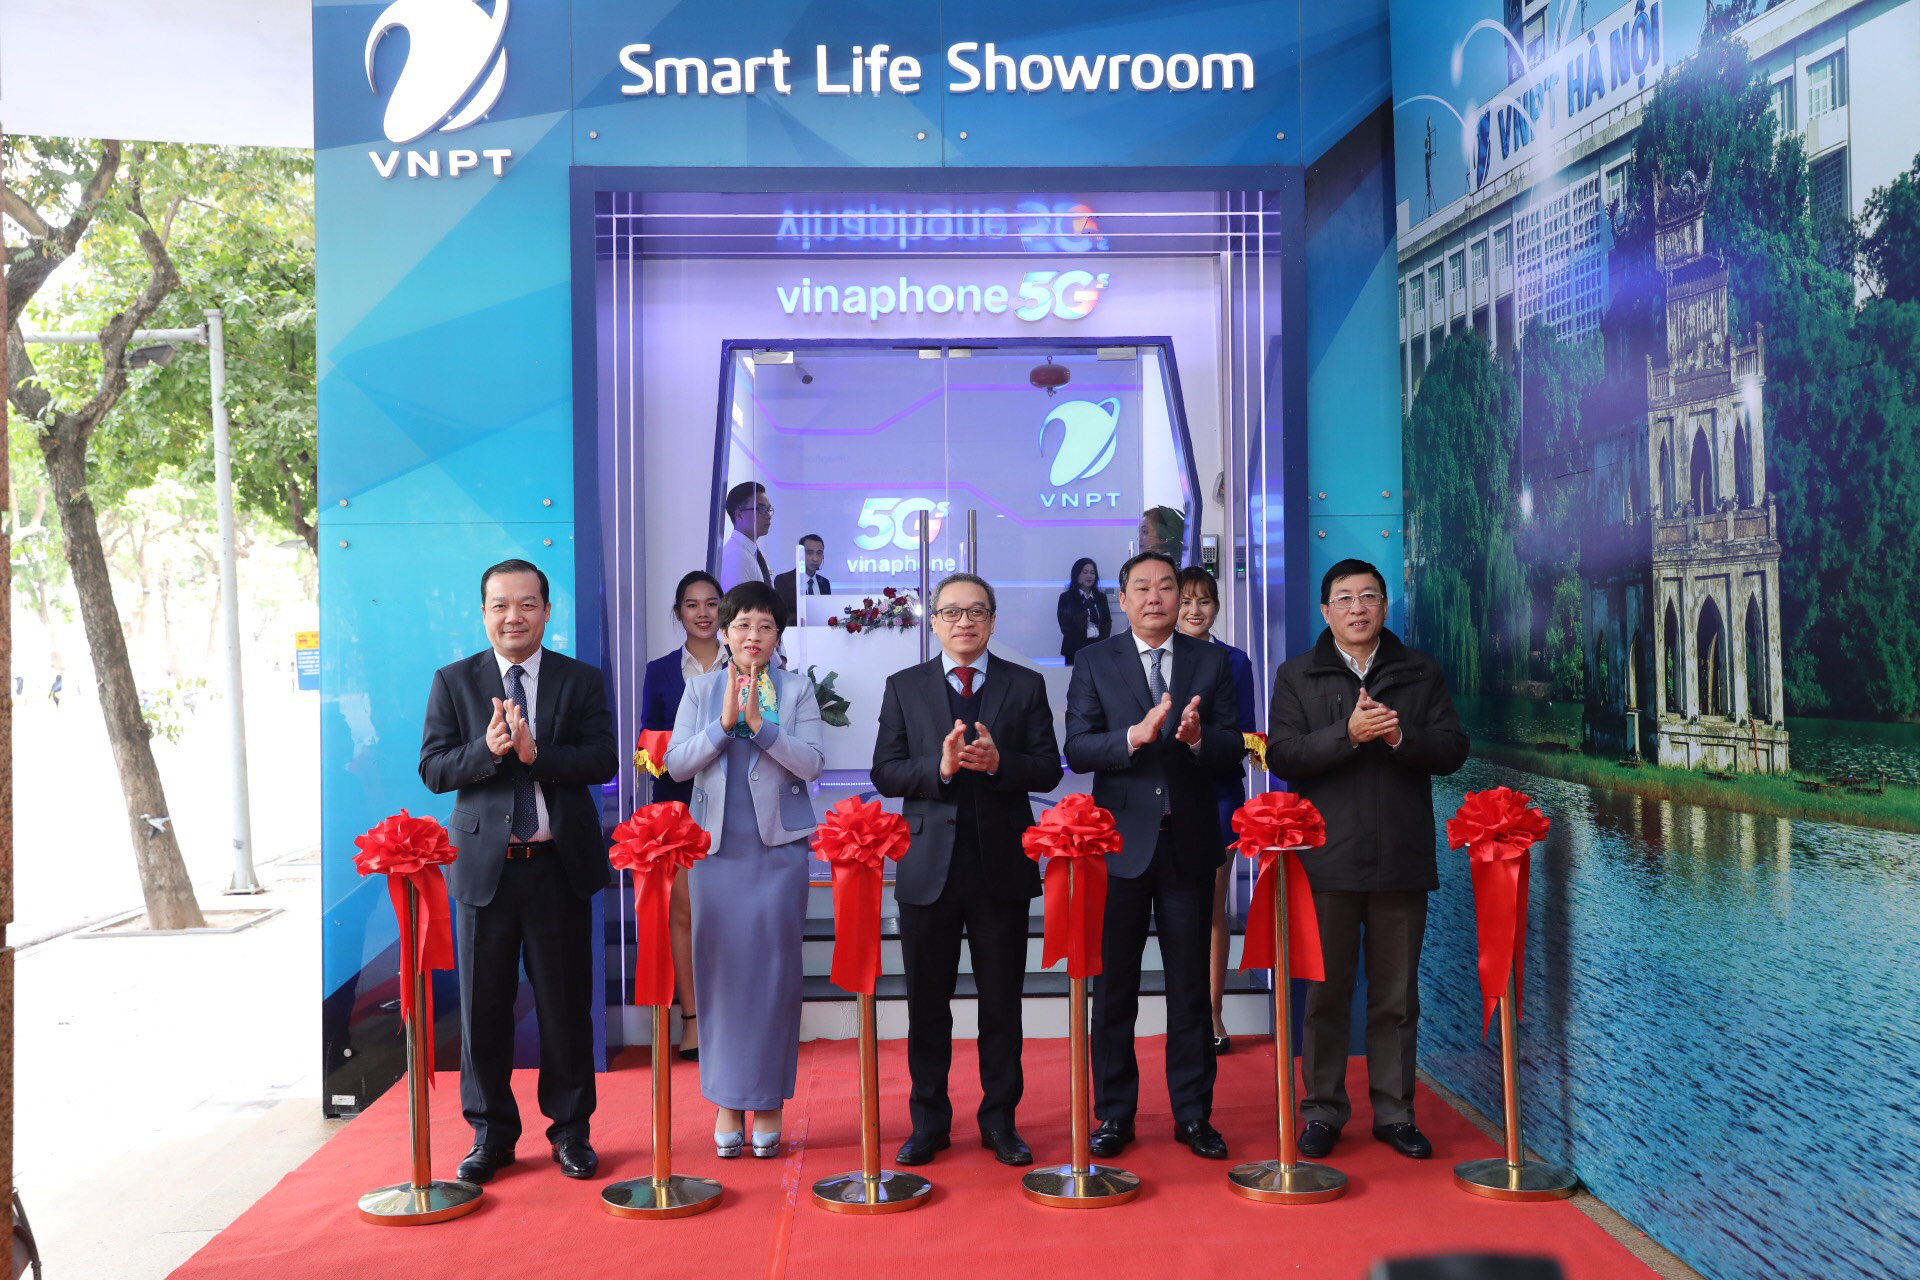 VNPT chính thức công bố vùng phủ sóng VinaPhone 5G tại Hà Nội và TP. Hồ Chí Minh - Ảnh 2.